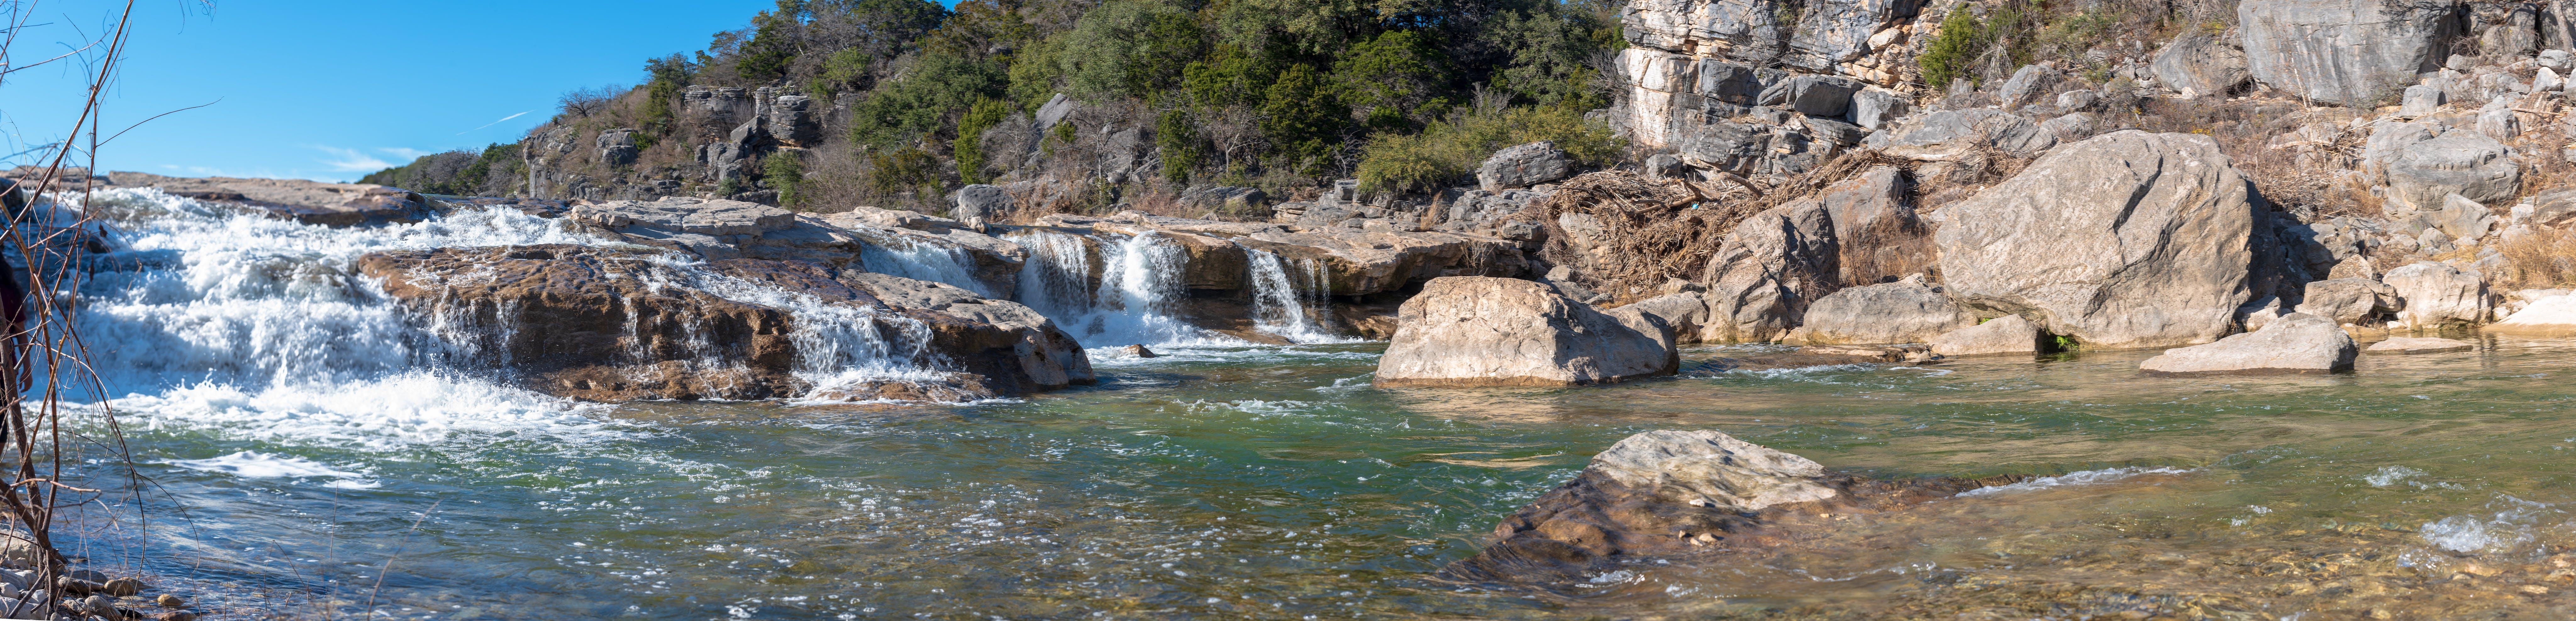 Δωρεάν στοκ φωτογραφιών με pedernales falls, πτώση νερού, τοπίο